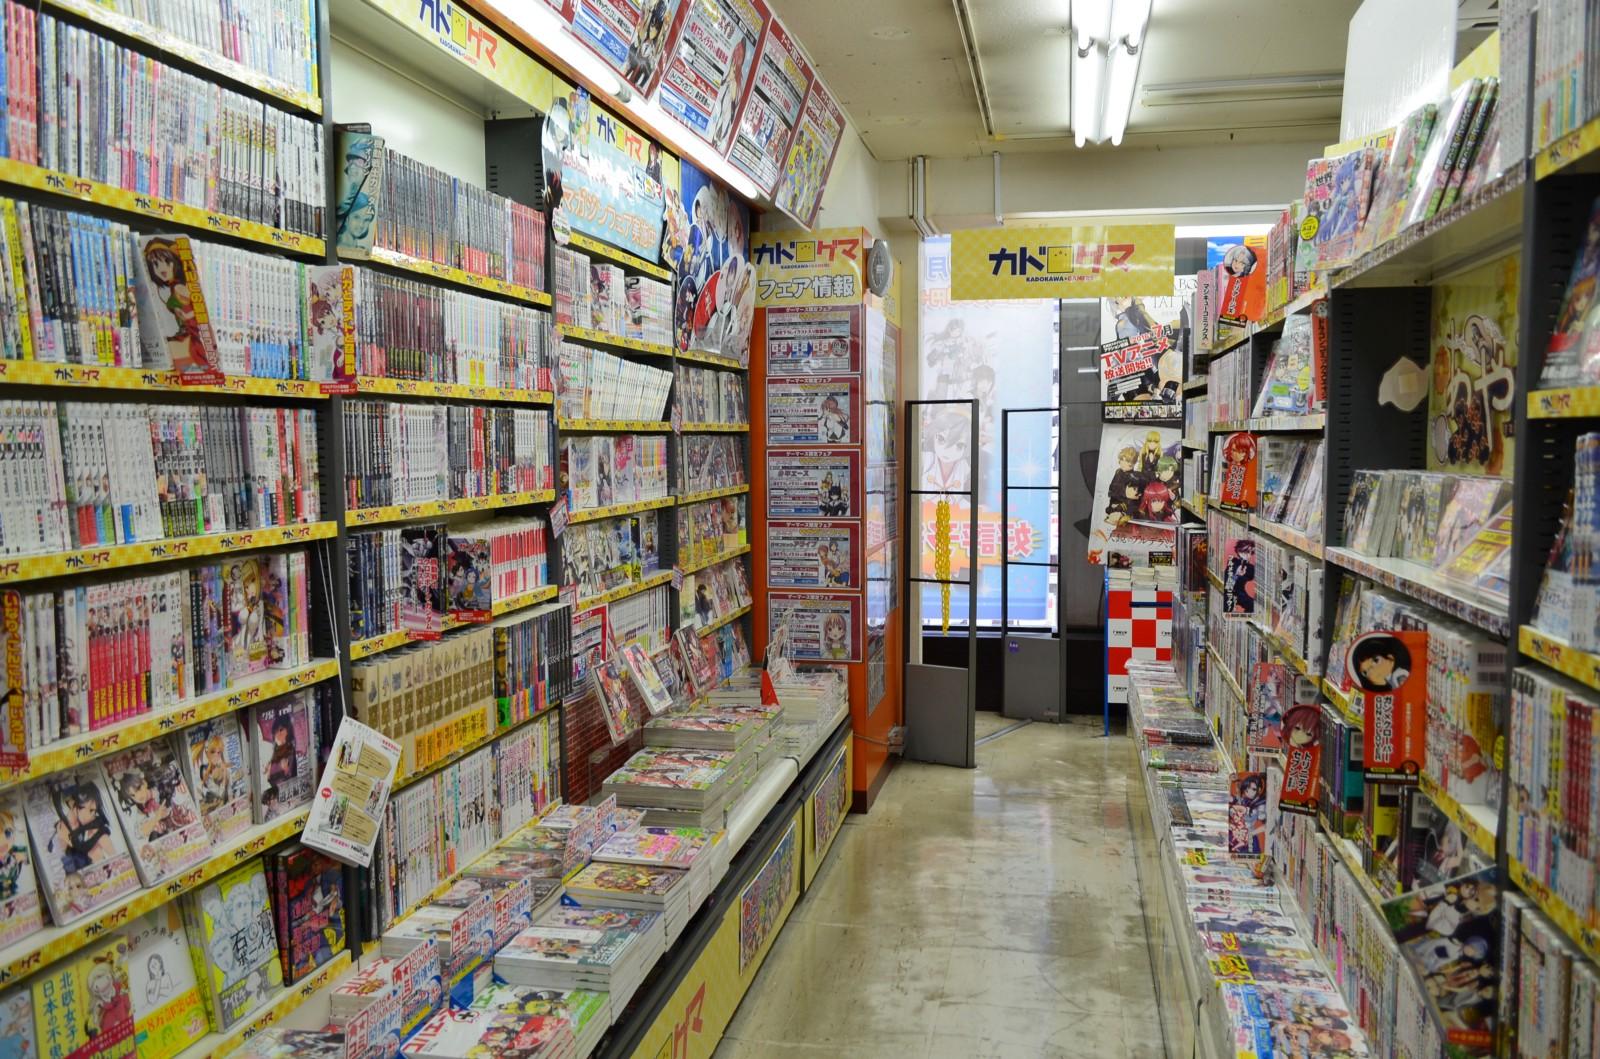 Akihabara Shopping Guide: 10 Best Shops in Akihabara - Japan Web